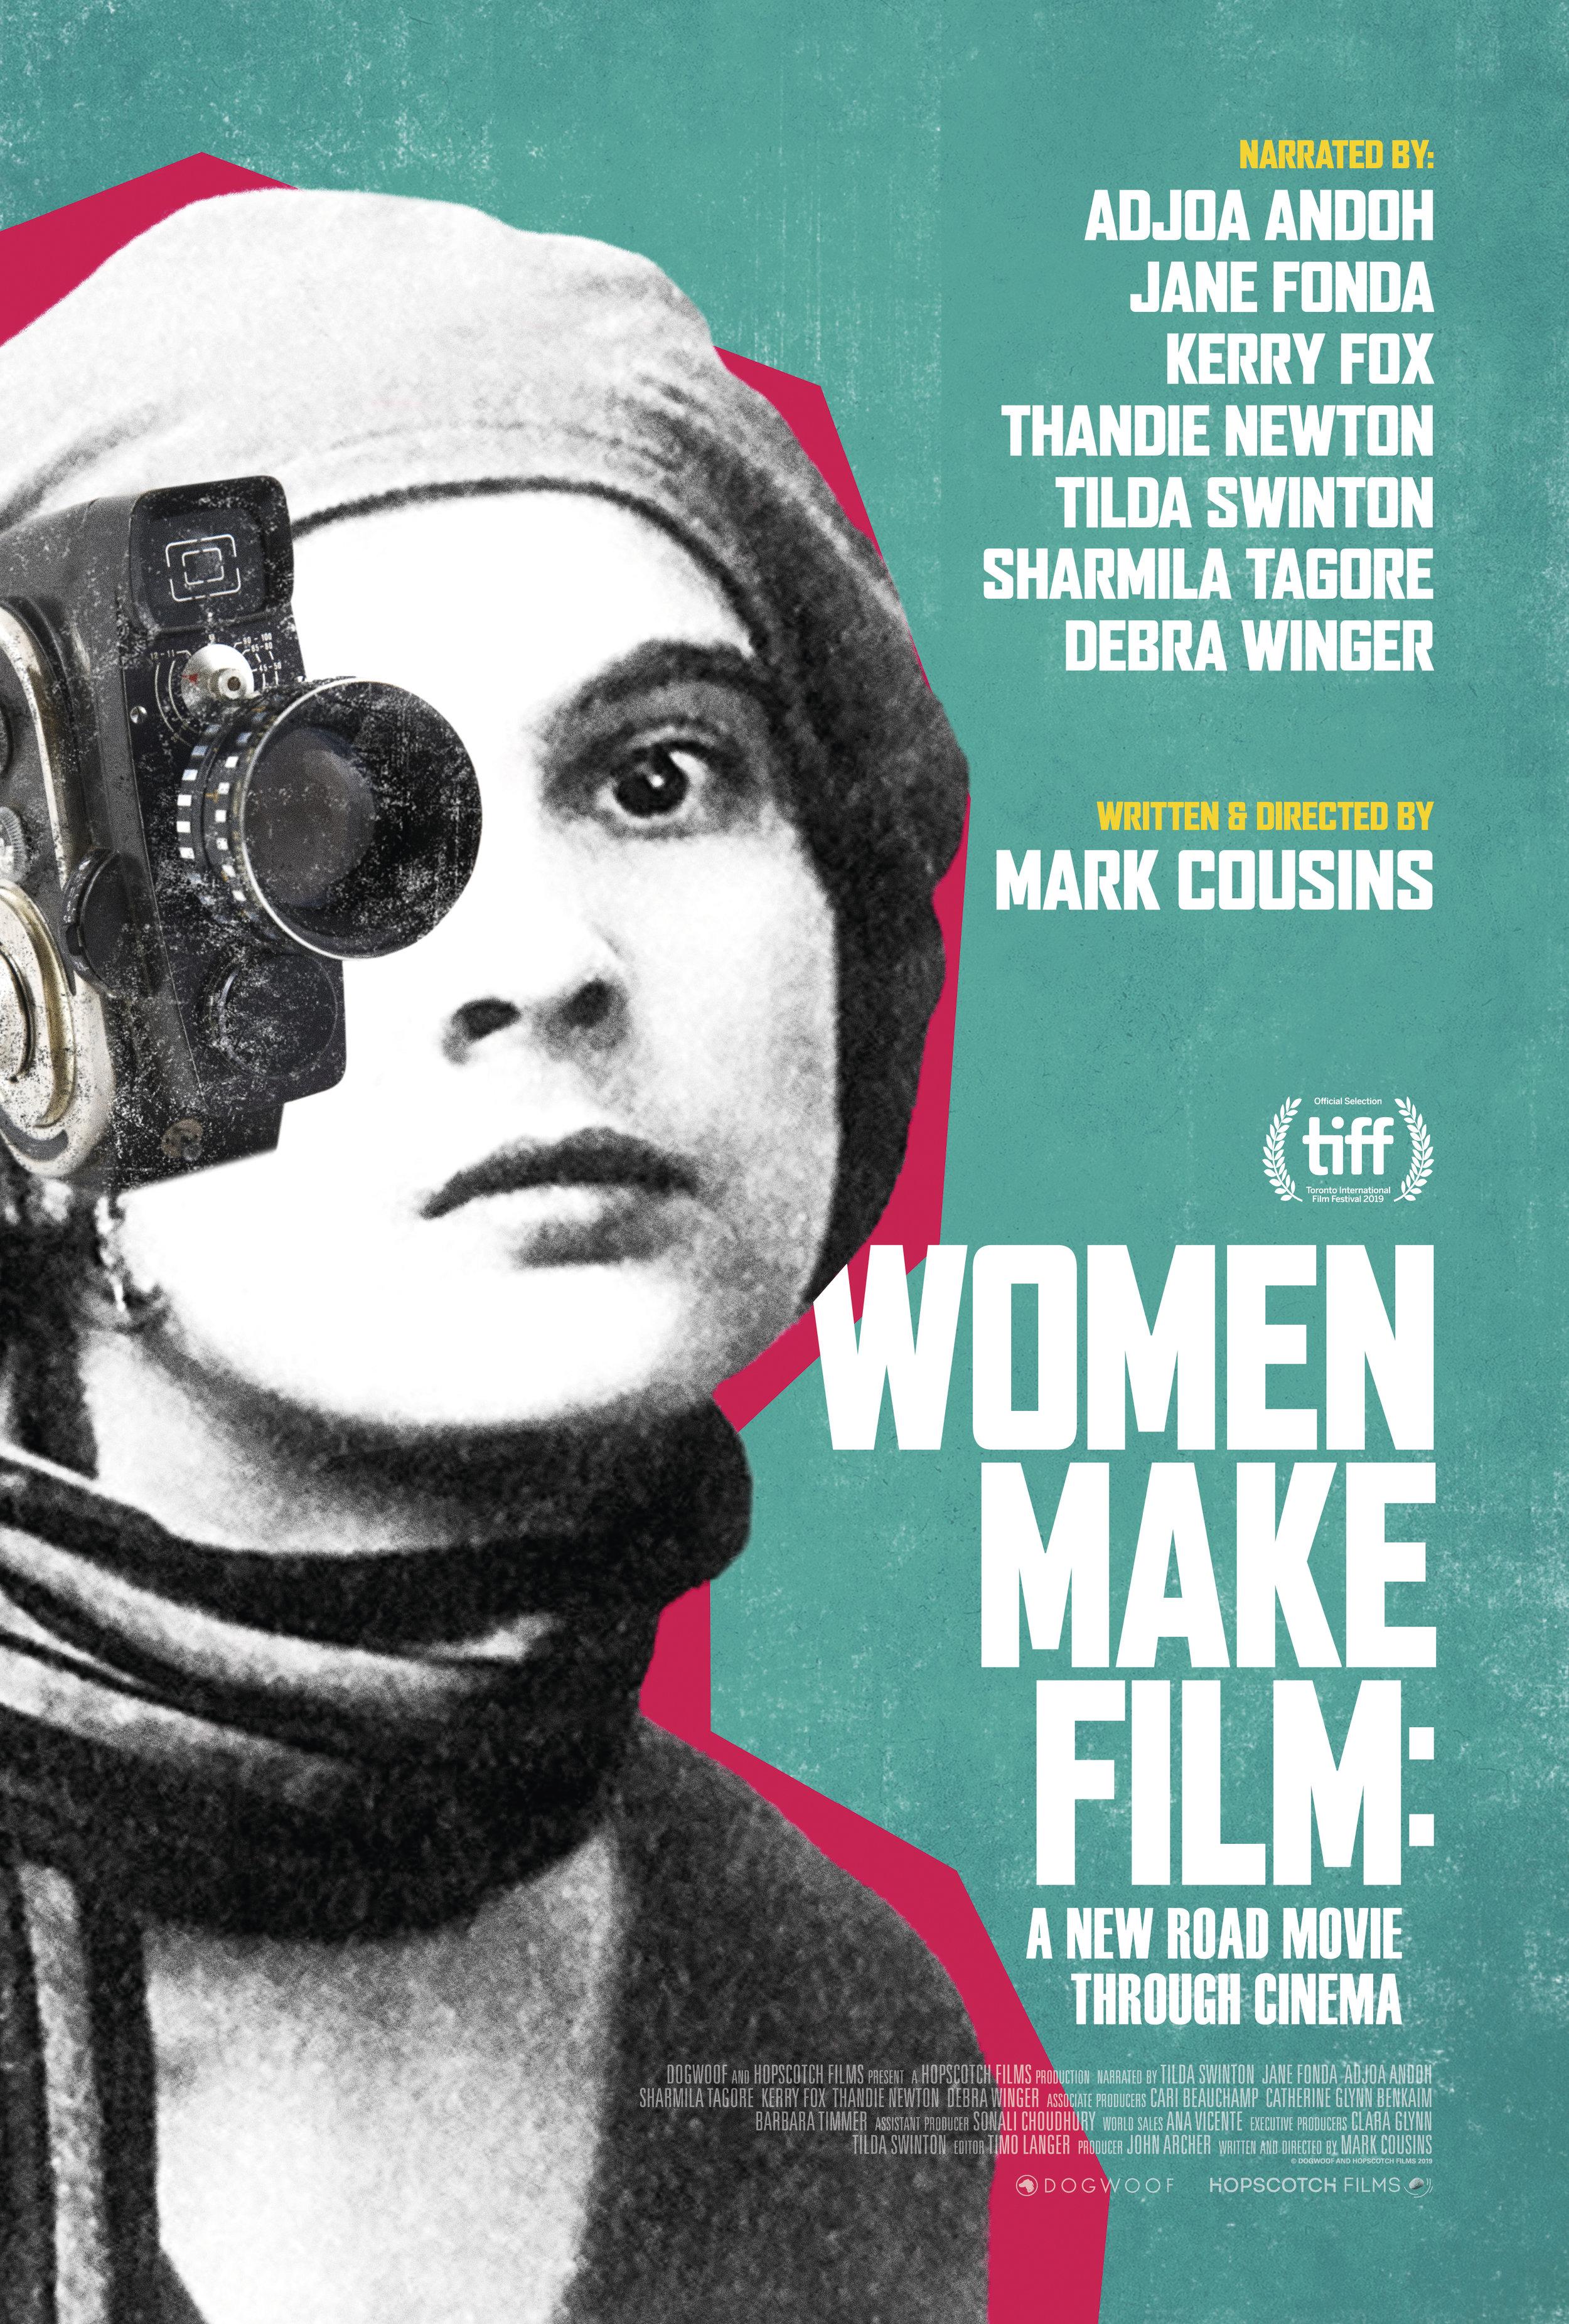 Women Make Film Trailer.jpg